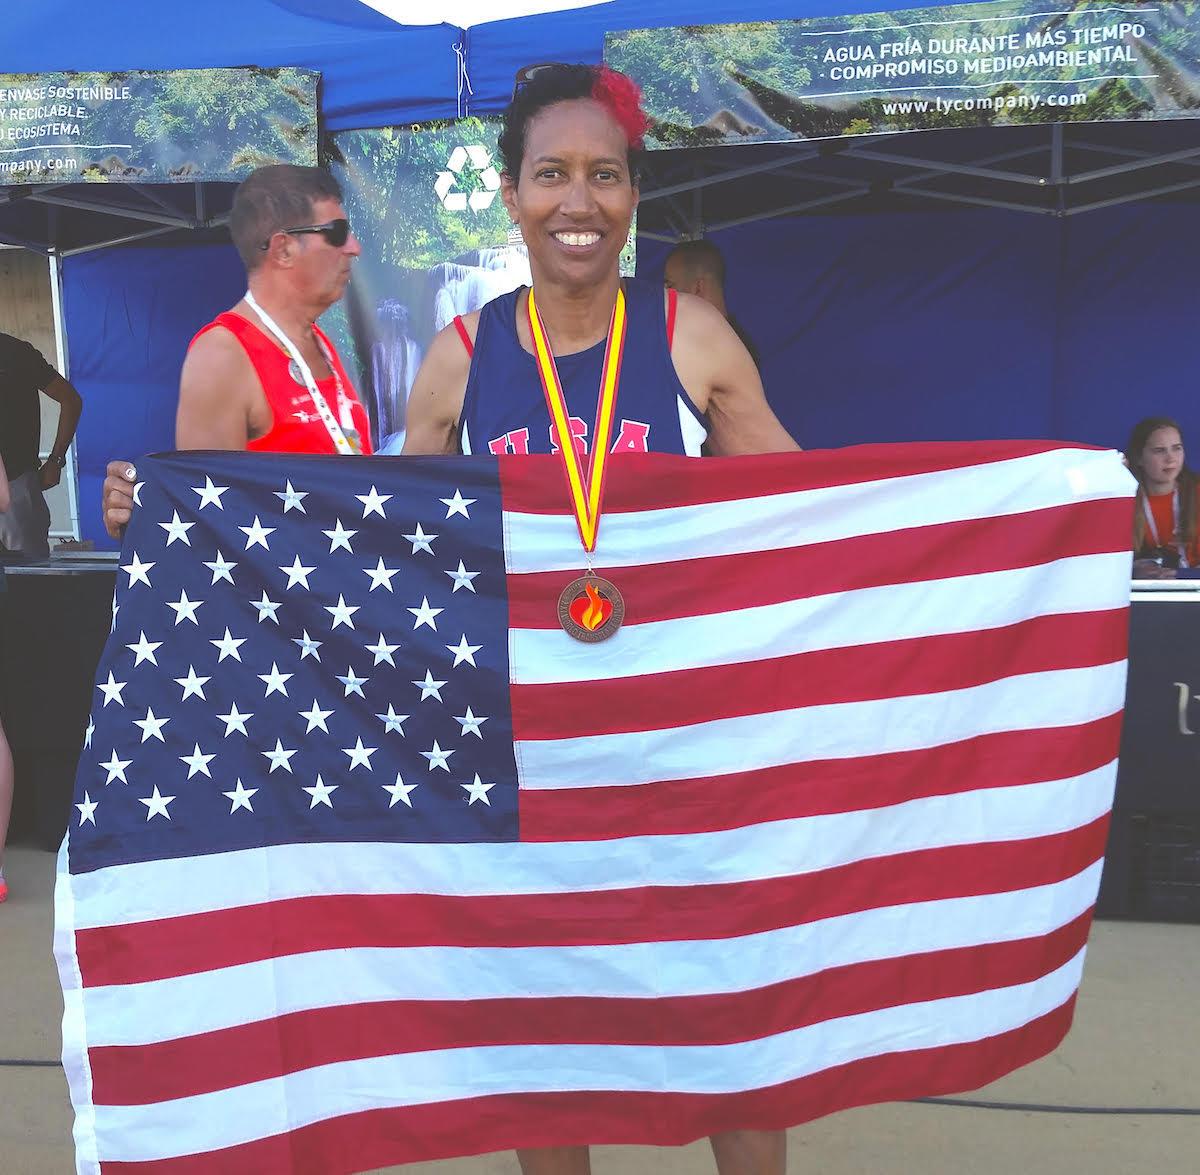 Image of Yvette holding flag.